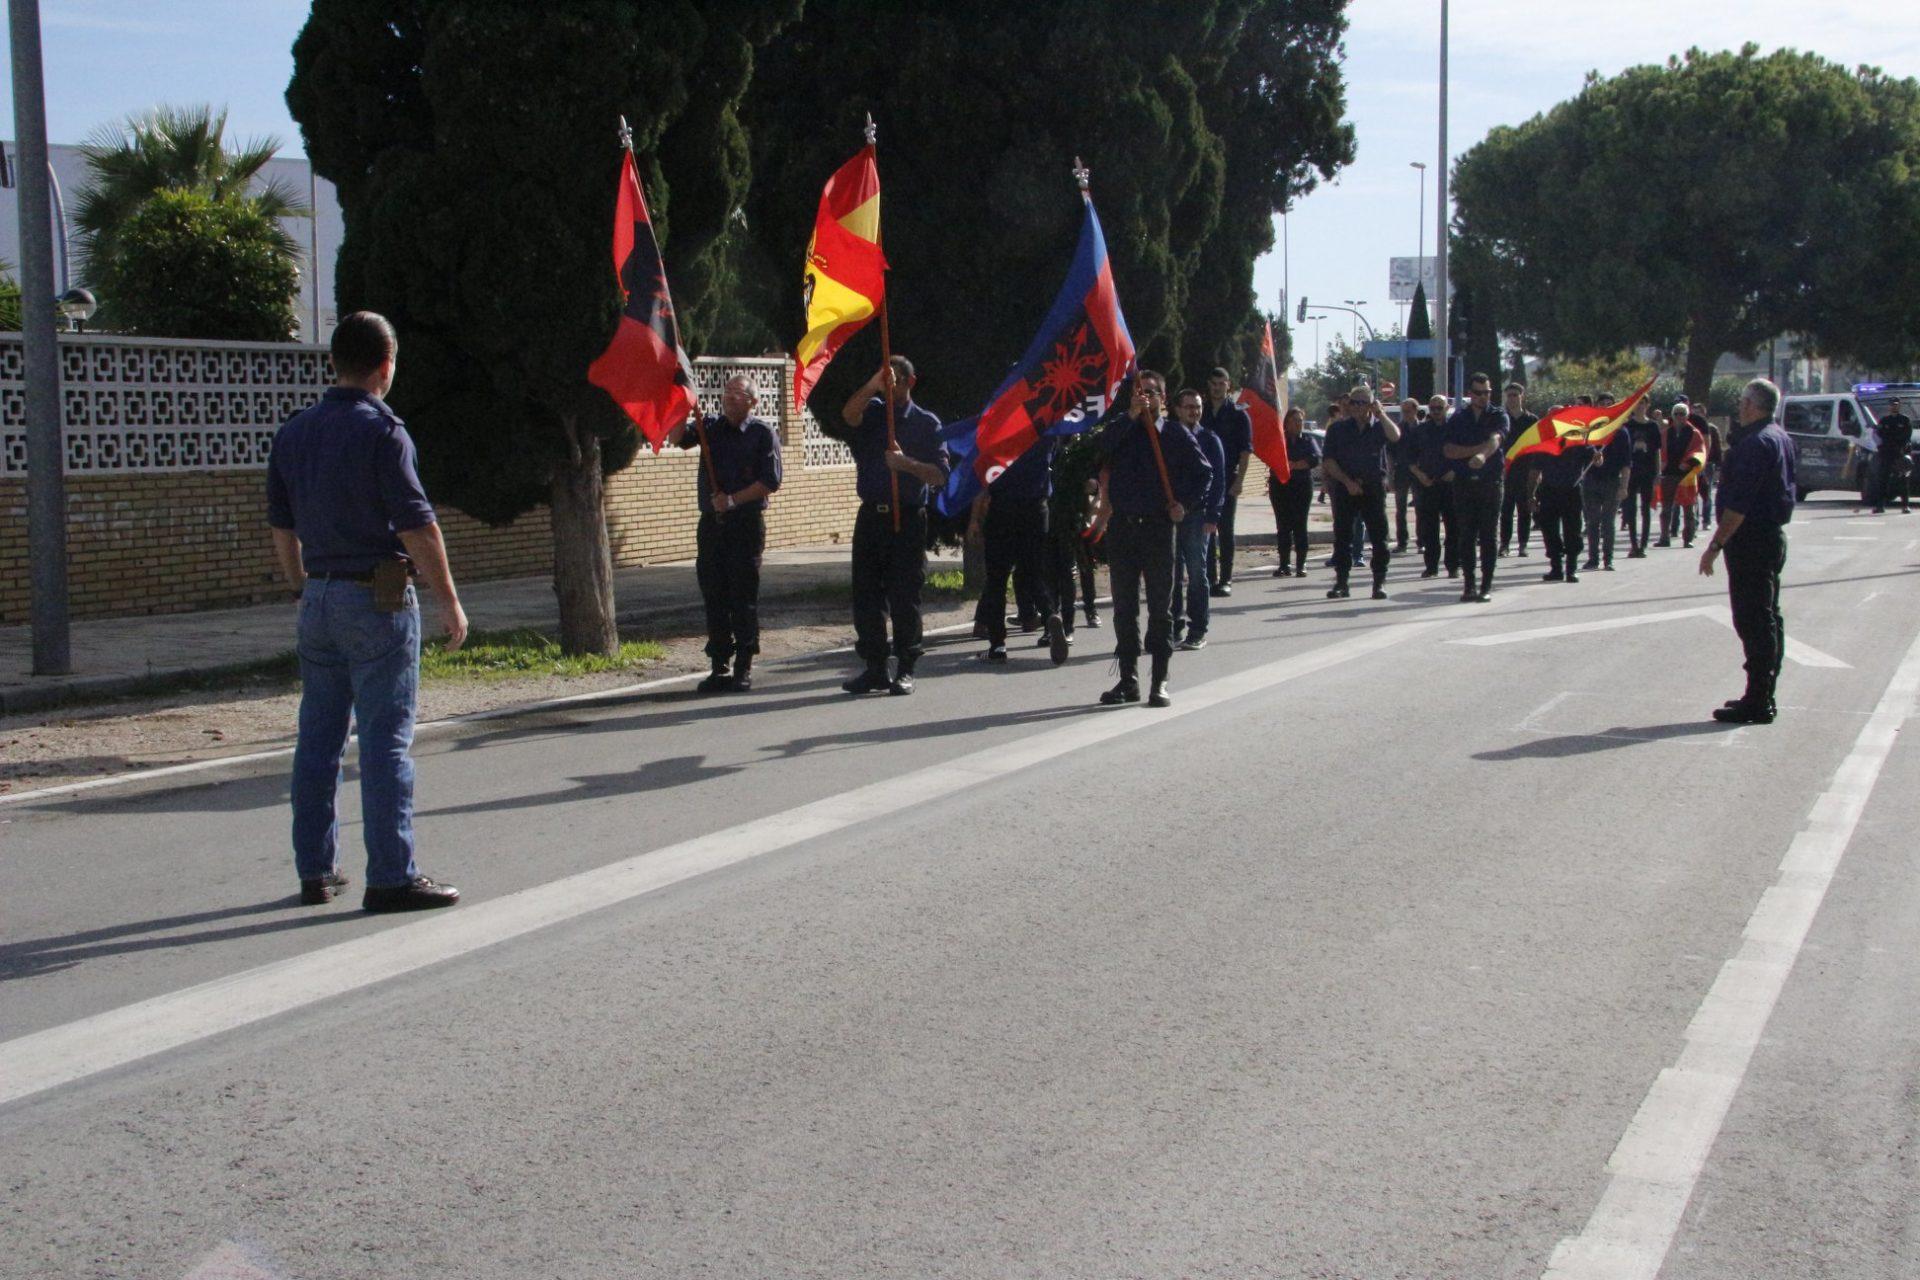 Imágenes del Homenaje a José Antonio en Alicante